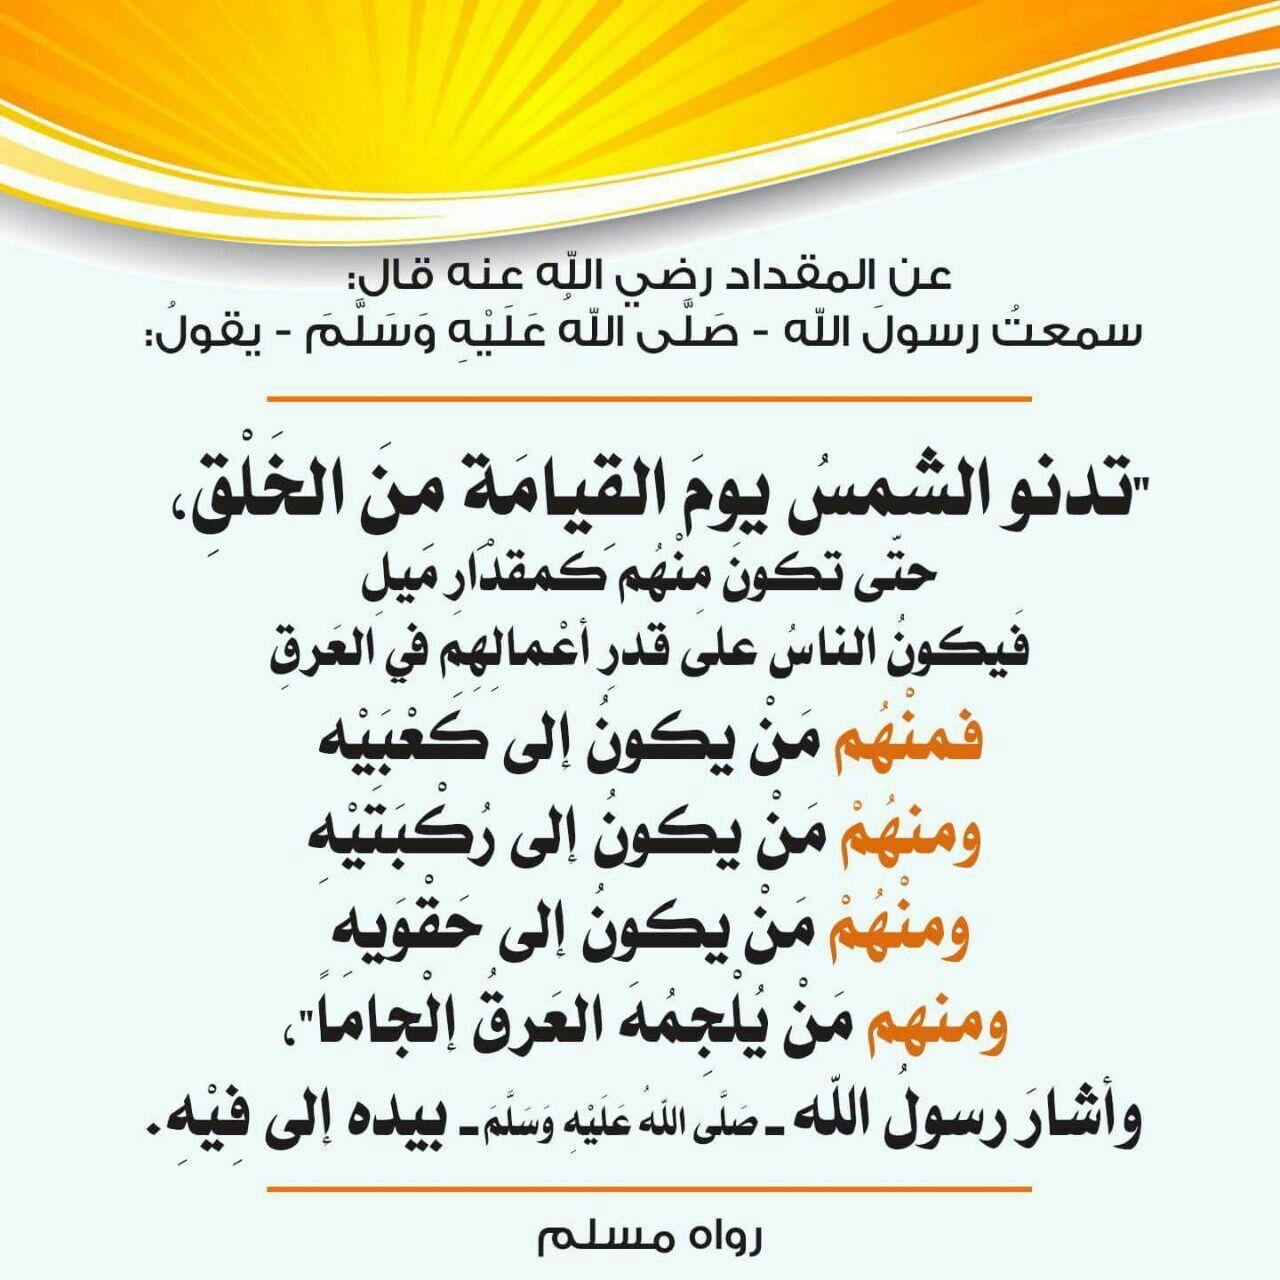 إشراقة الصباح السلام عليكم ورحمة الله وبركاته صبحكم الله بالخير والرحمة يا الله ياكريم ياأول ياآخر يامجيب يافارج الهم Ahadith Aic Allah